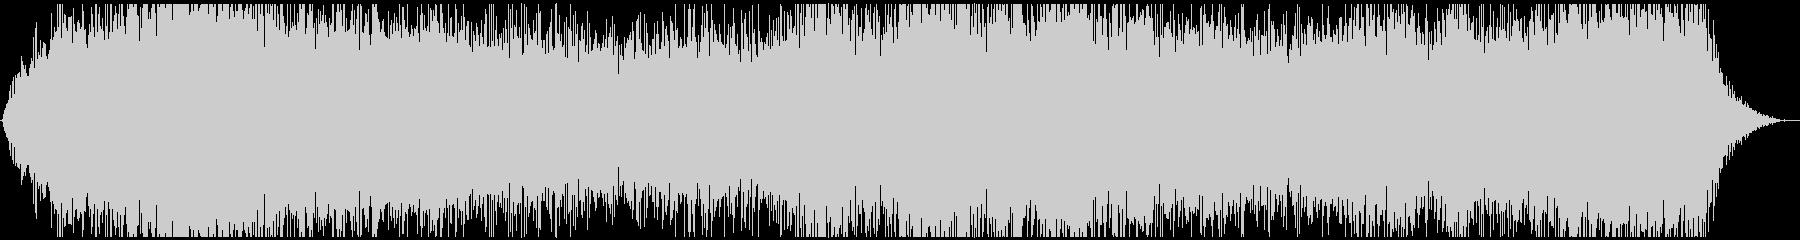 ドローン バブリング02の未再生の波形